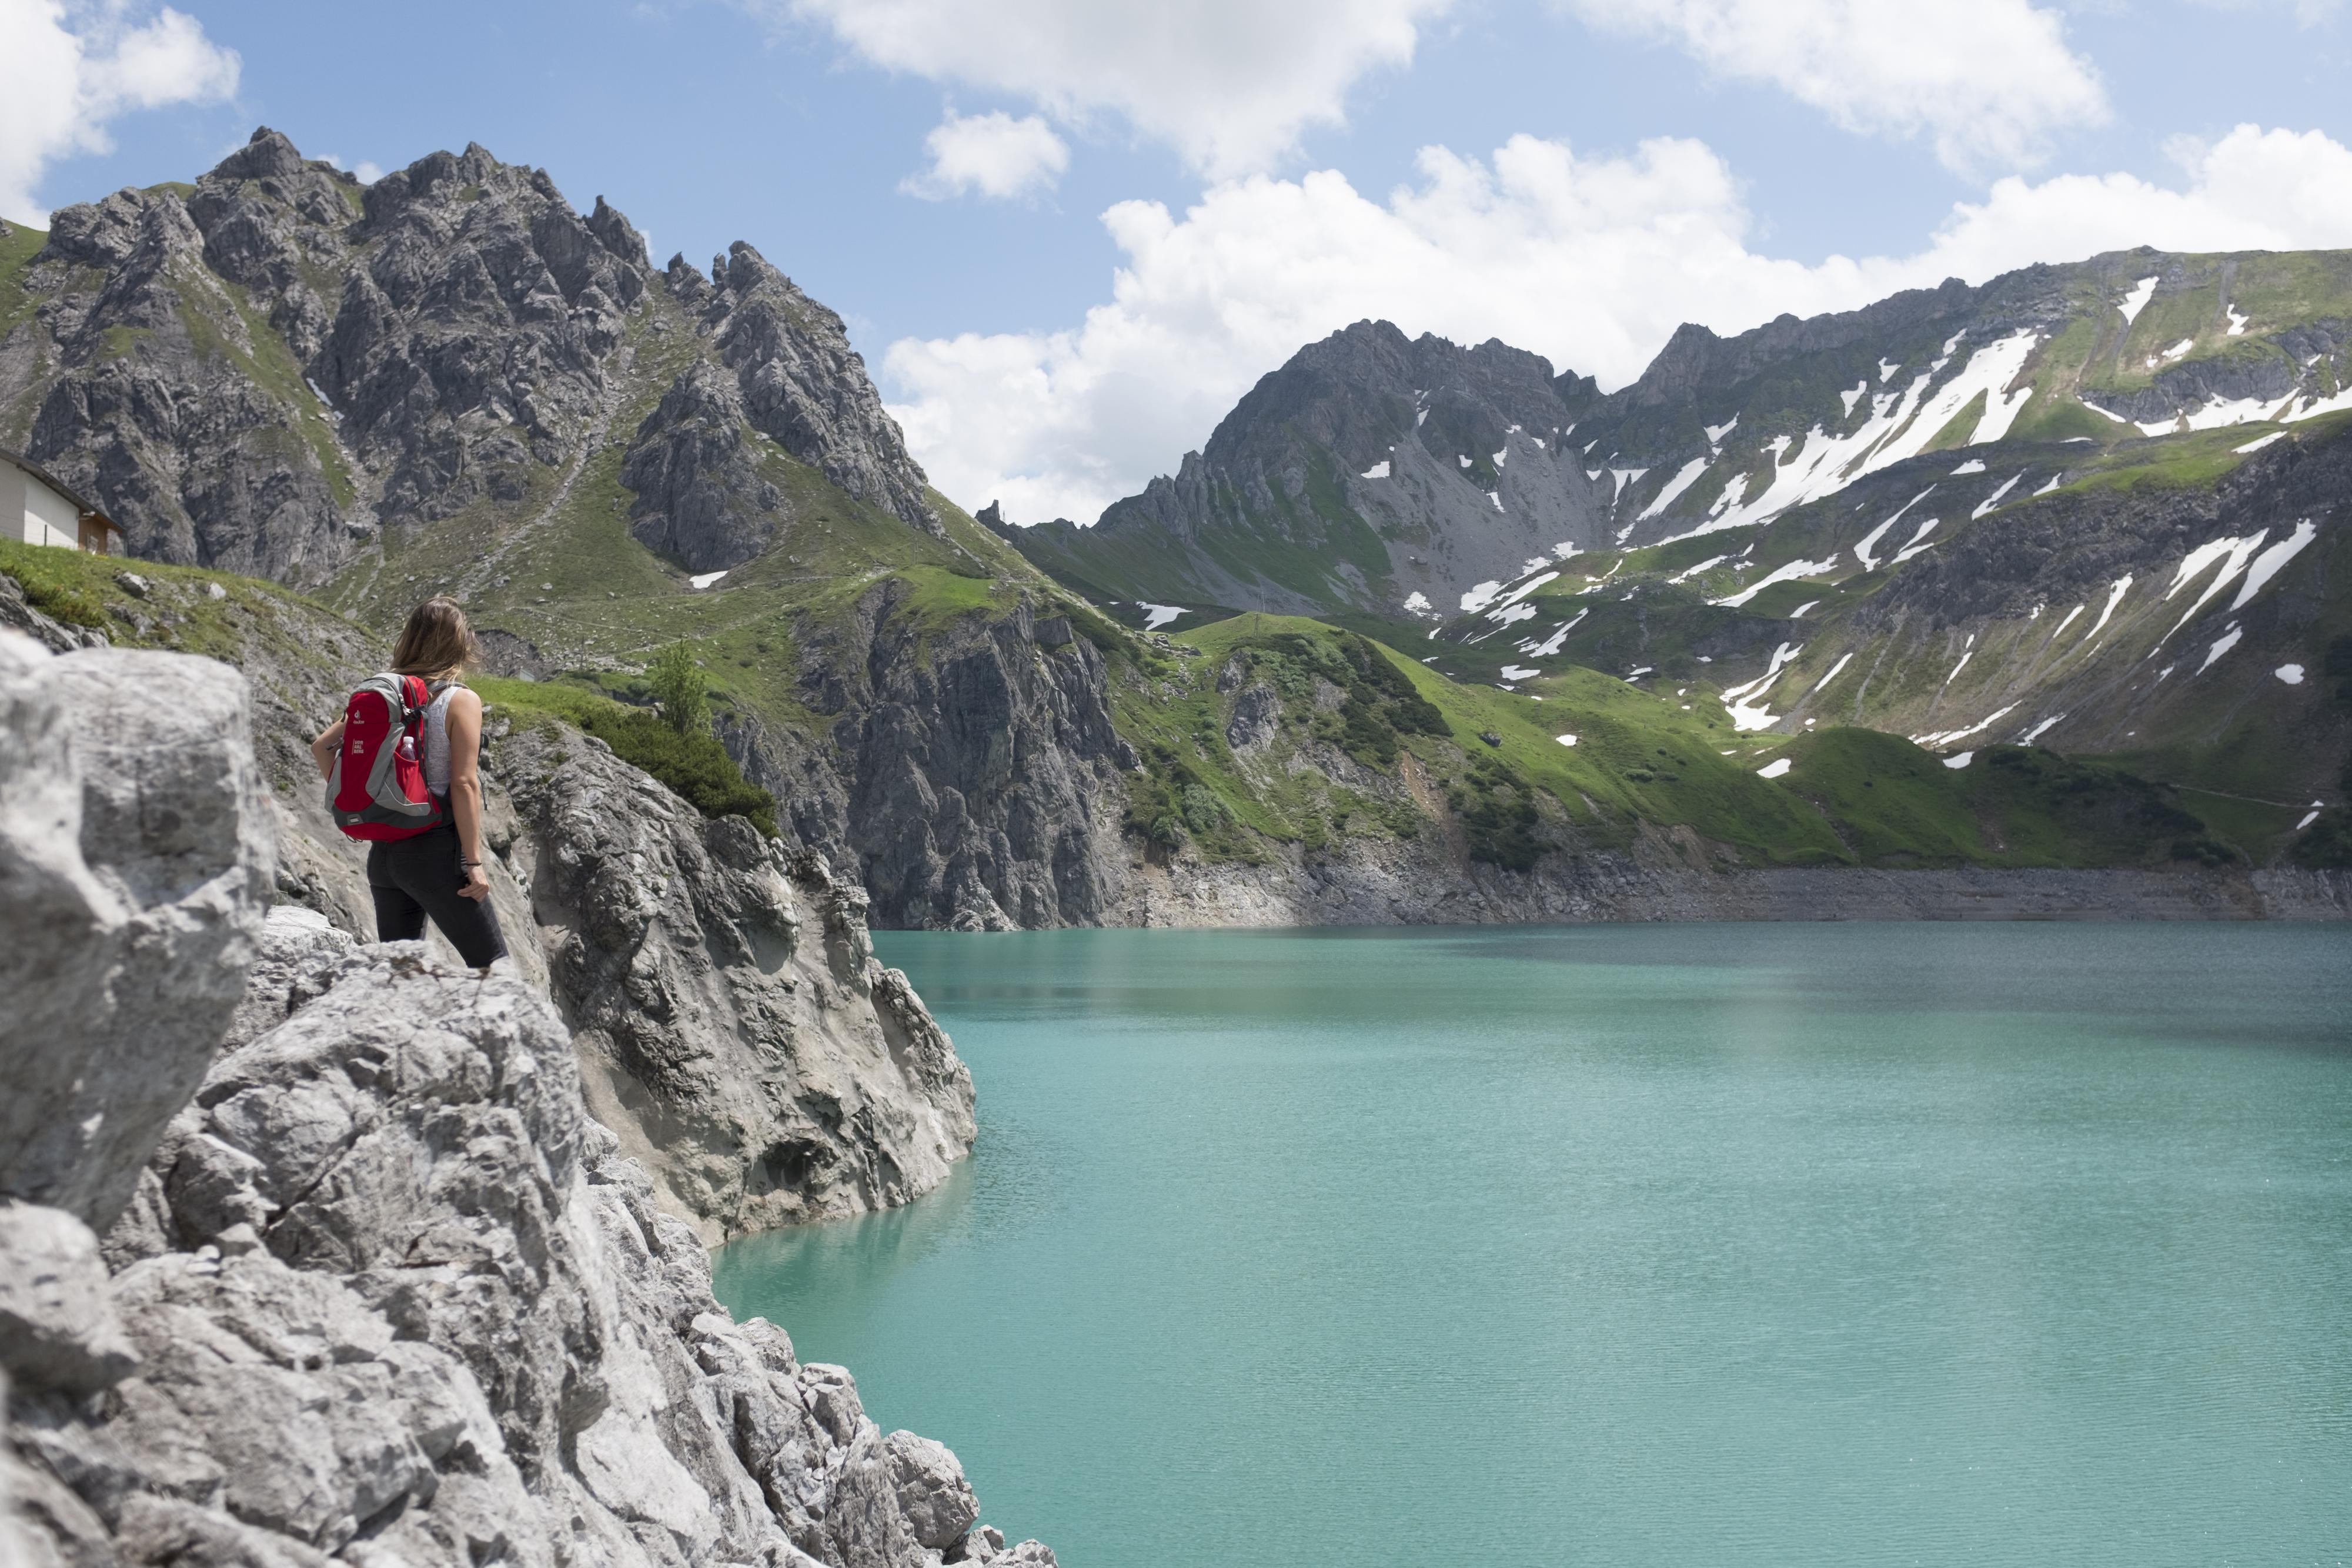 Wandelen is een vorm van duurzaam reizen.